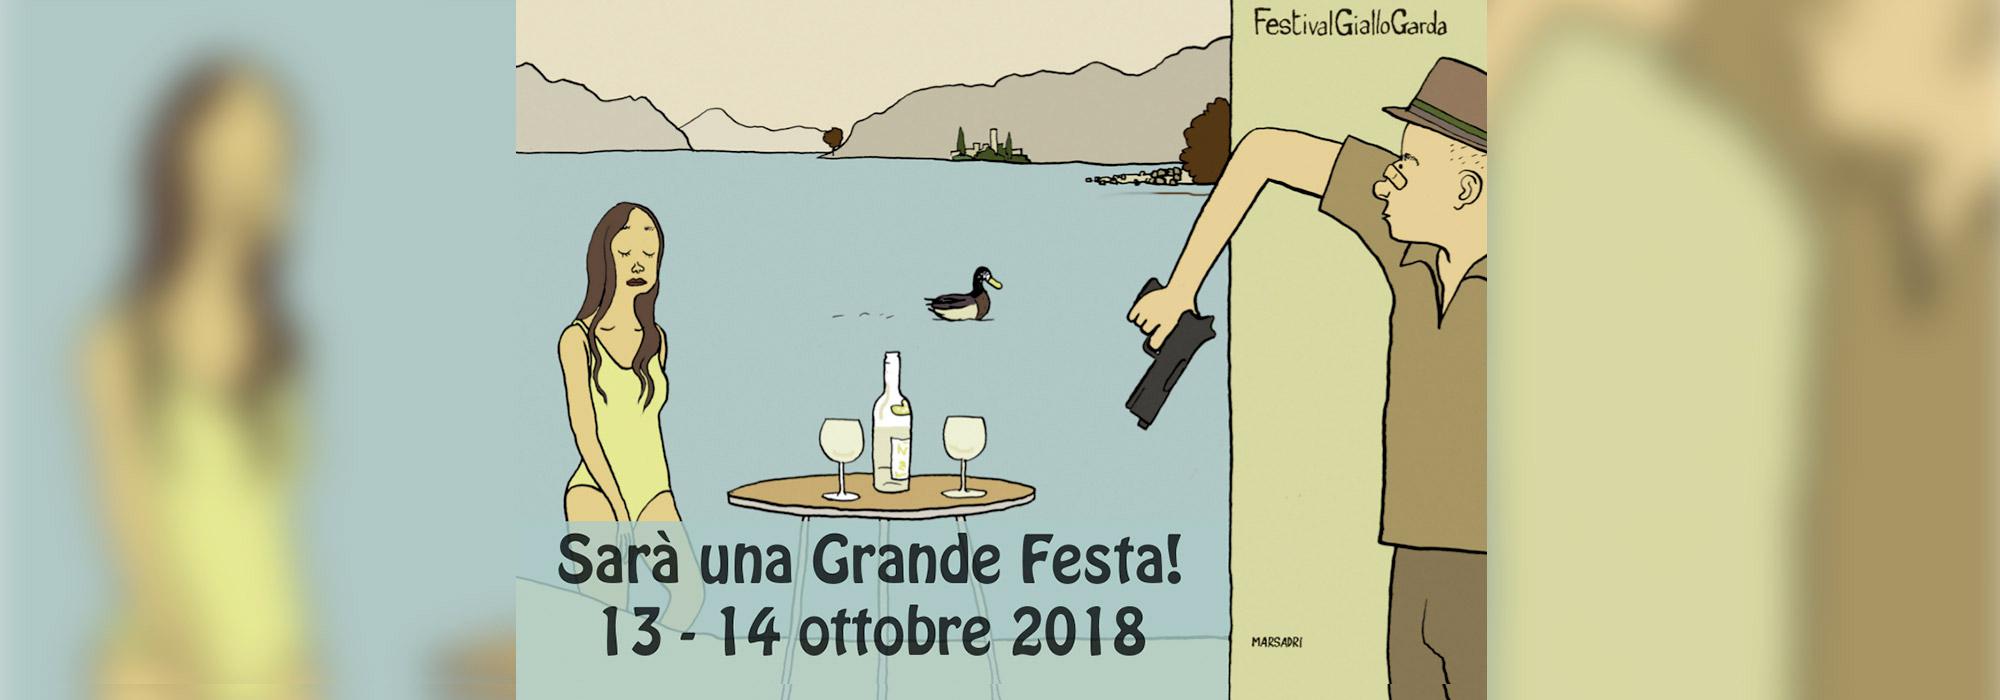 Quarta edizione festival giallo garda